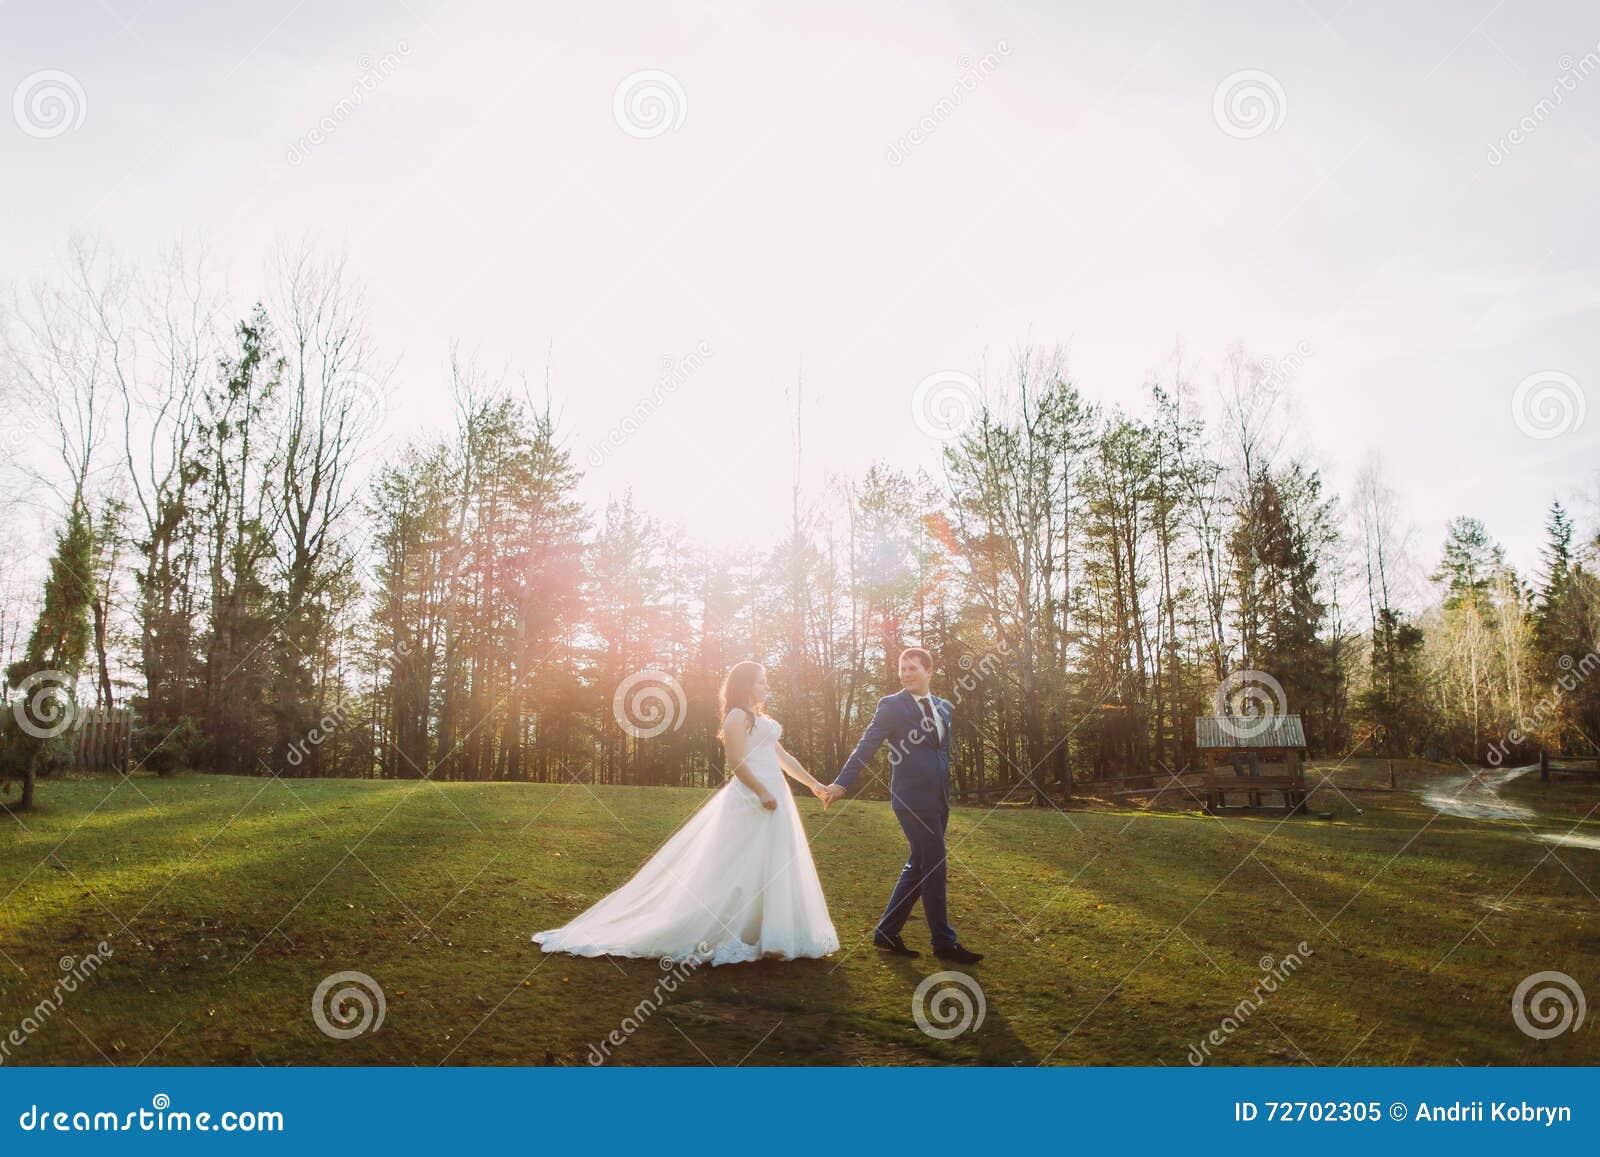 Romantisch huwelijkspaar in openlucht Bruid en bruidegom die op groen gras lopen Heldere zon bij achtergrond